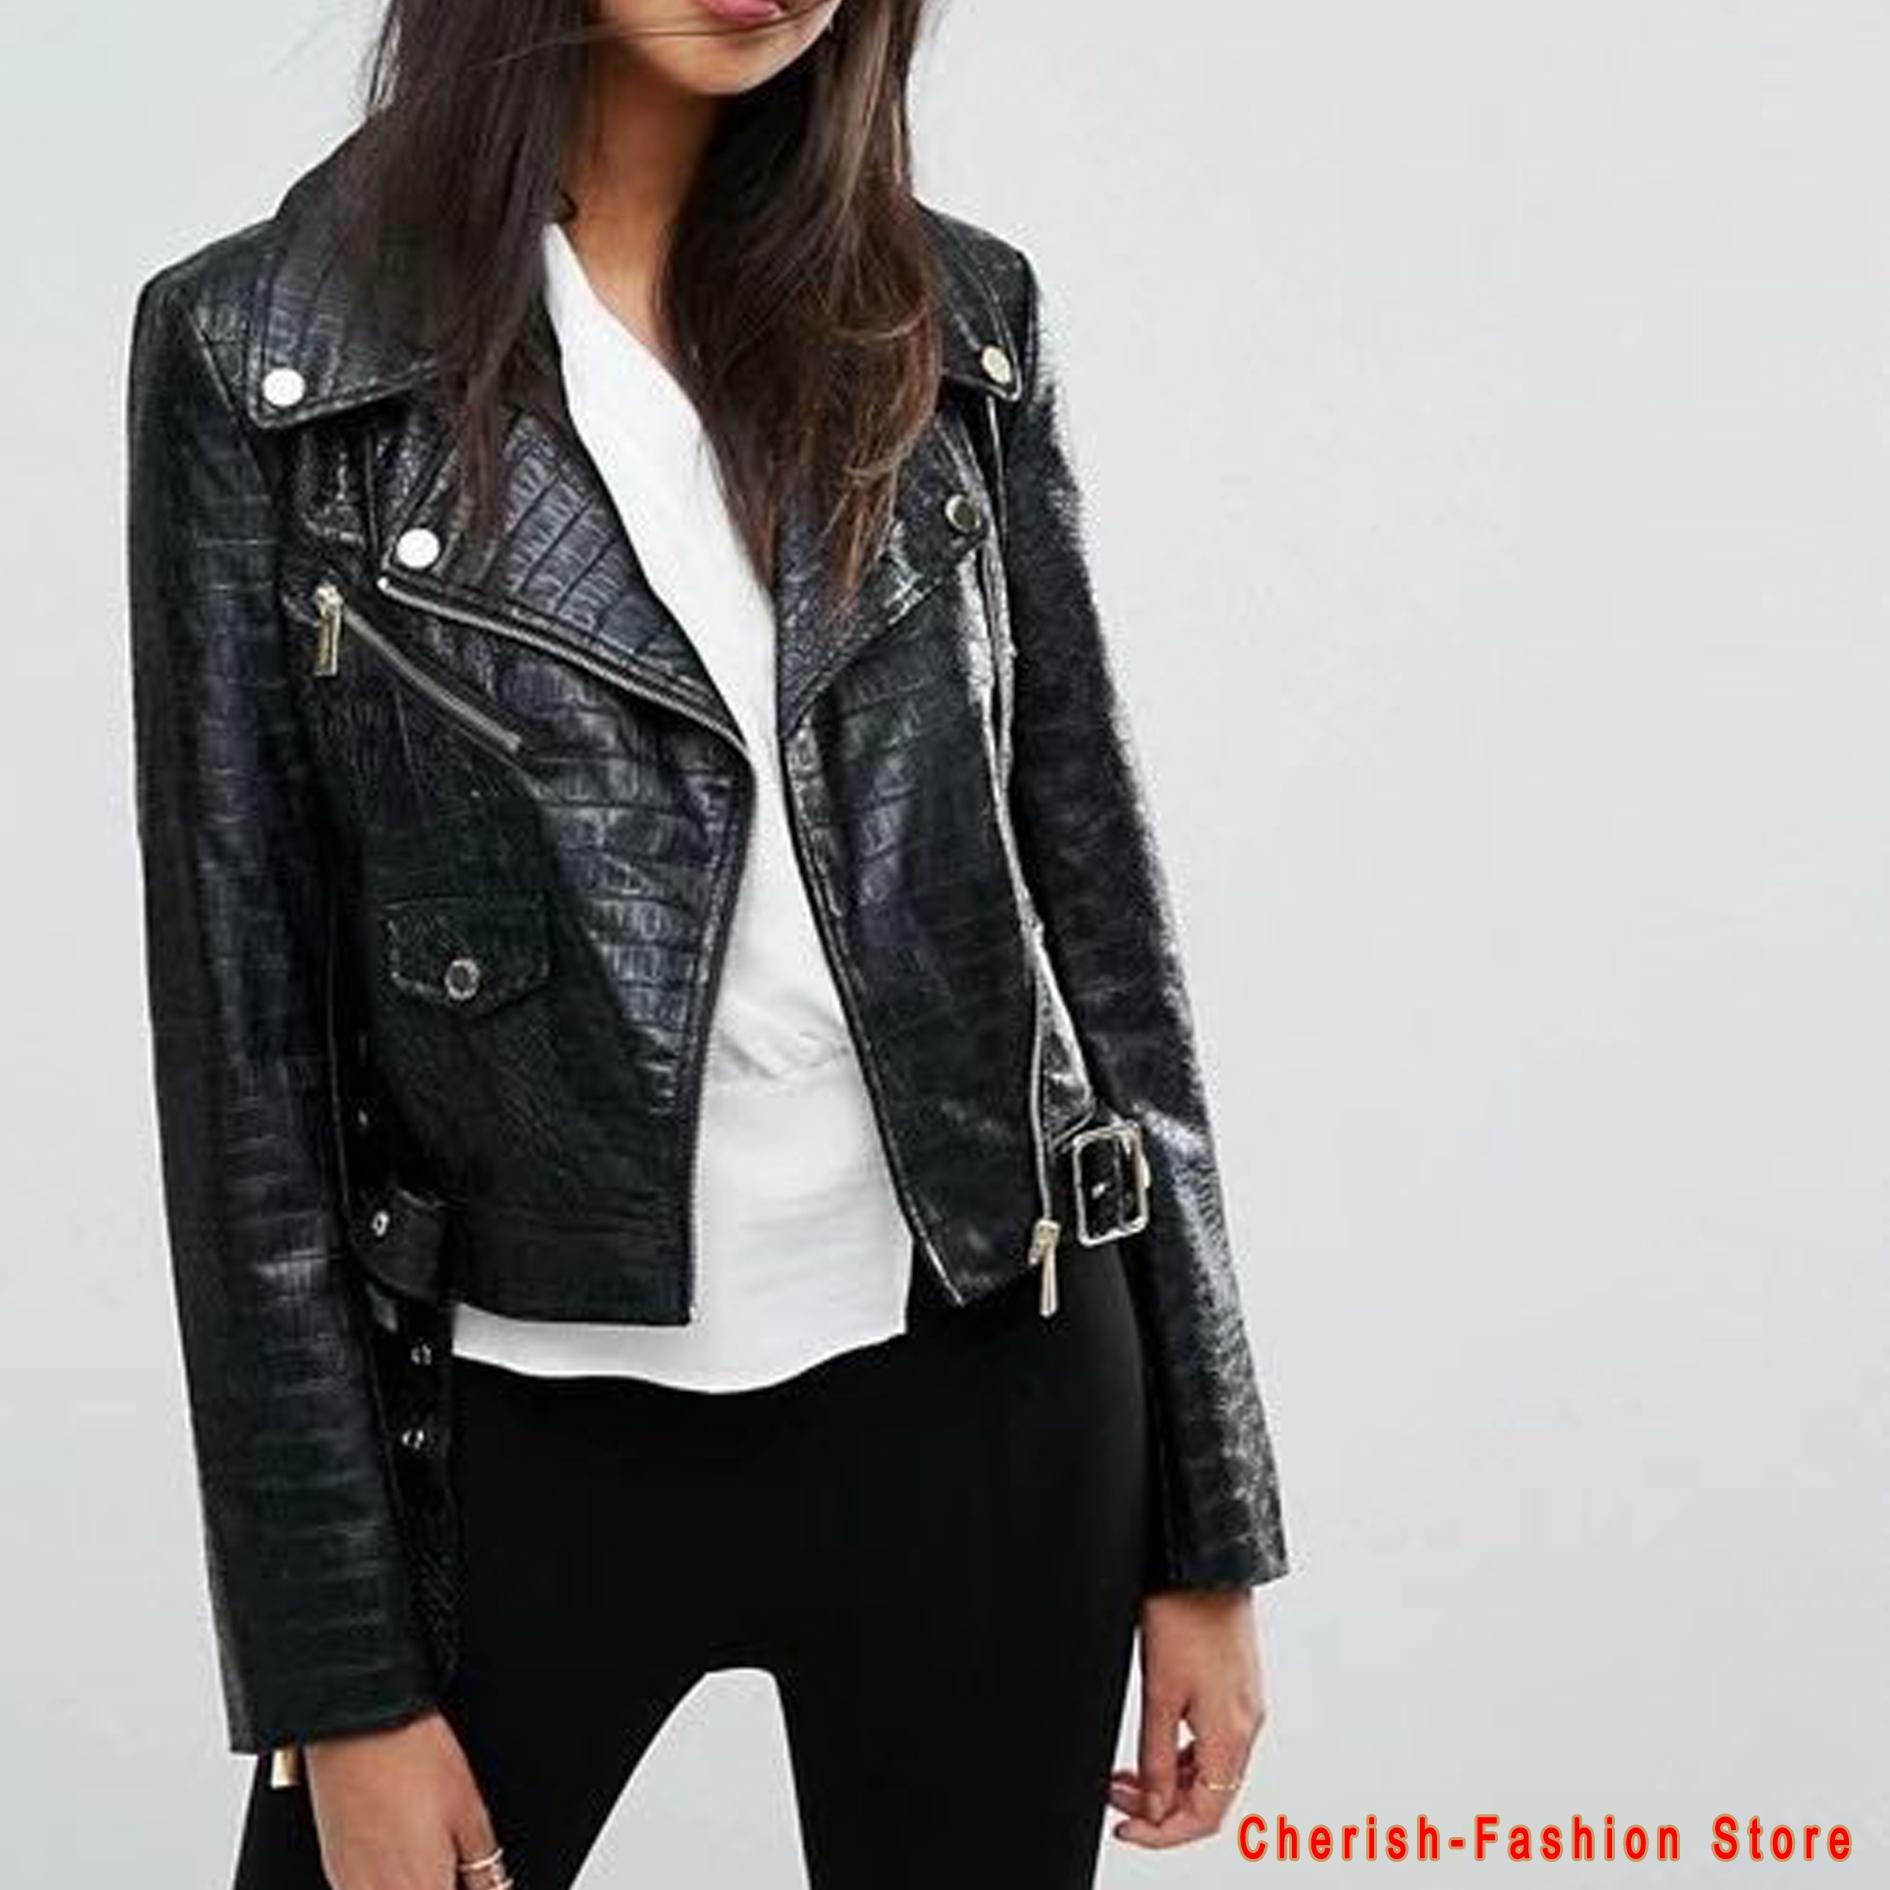 Cartera sintética, abrigo de primavera de las mujeres de otoño, cinturón S-XL, bolsillo con cremallera, Epaulette, 3 colores, Enviar directamente